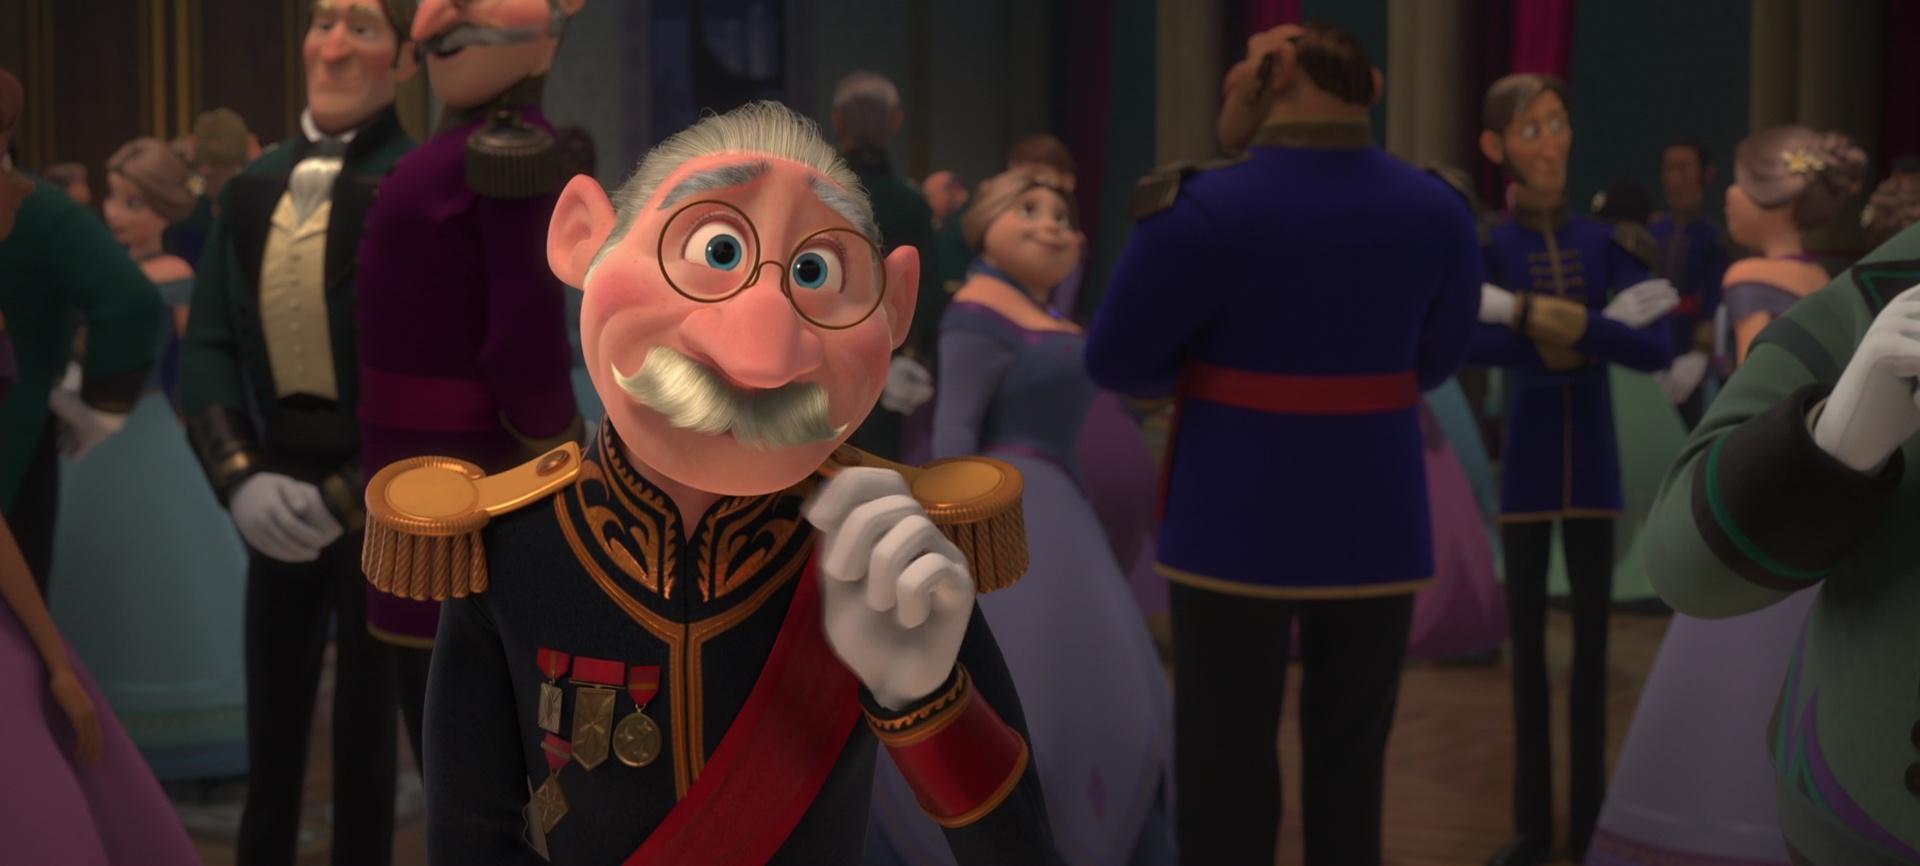 duc de weselton personnage dans la reine des neiges